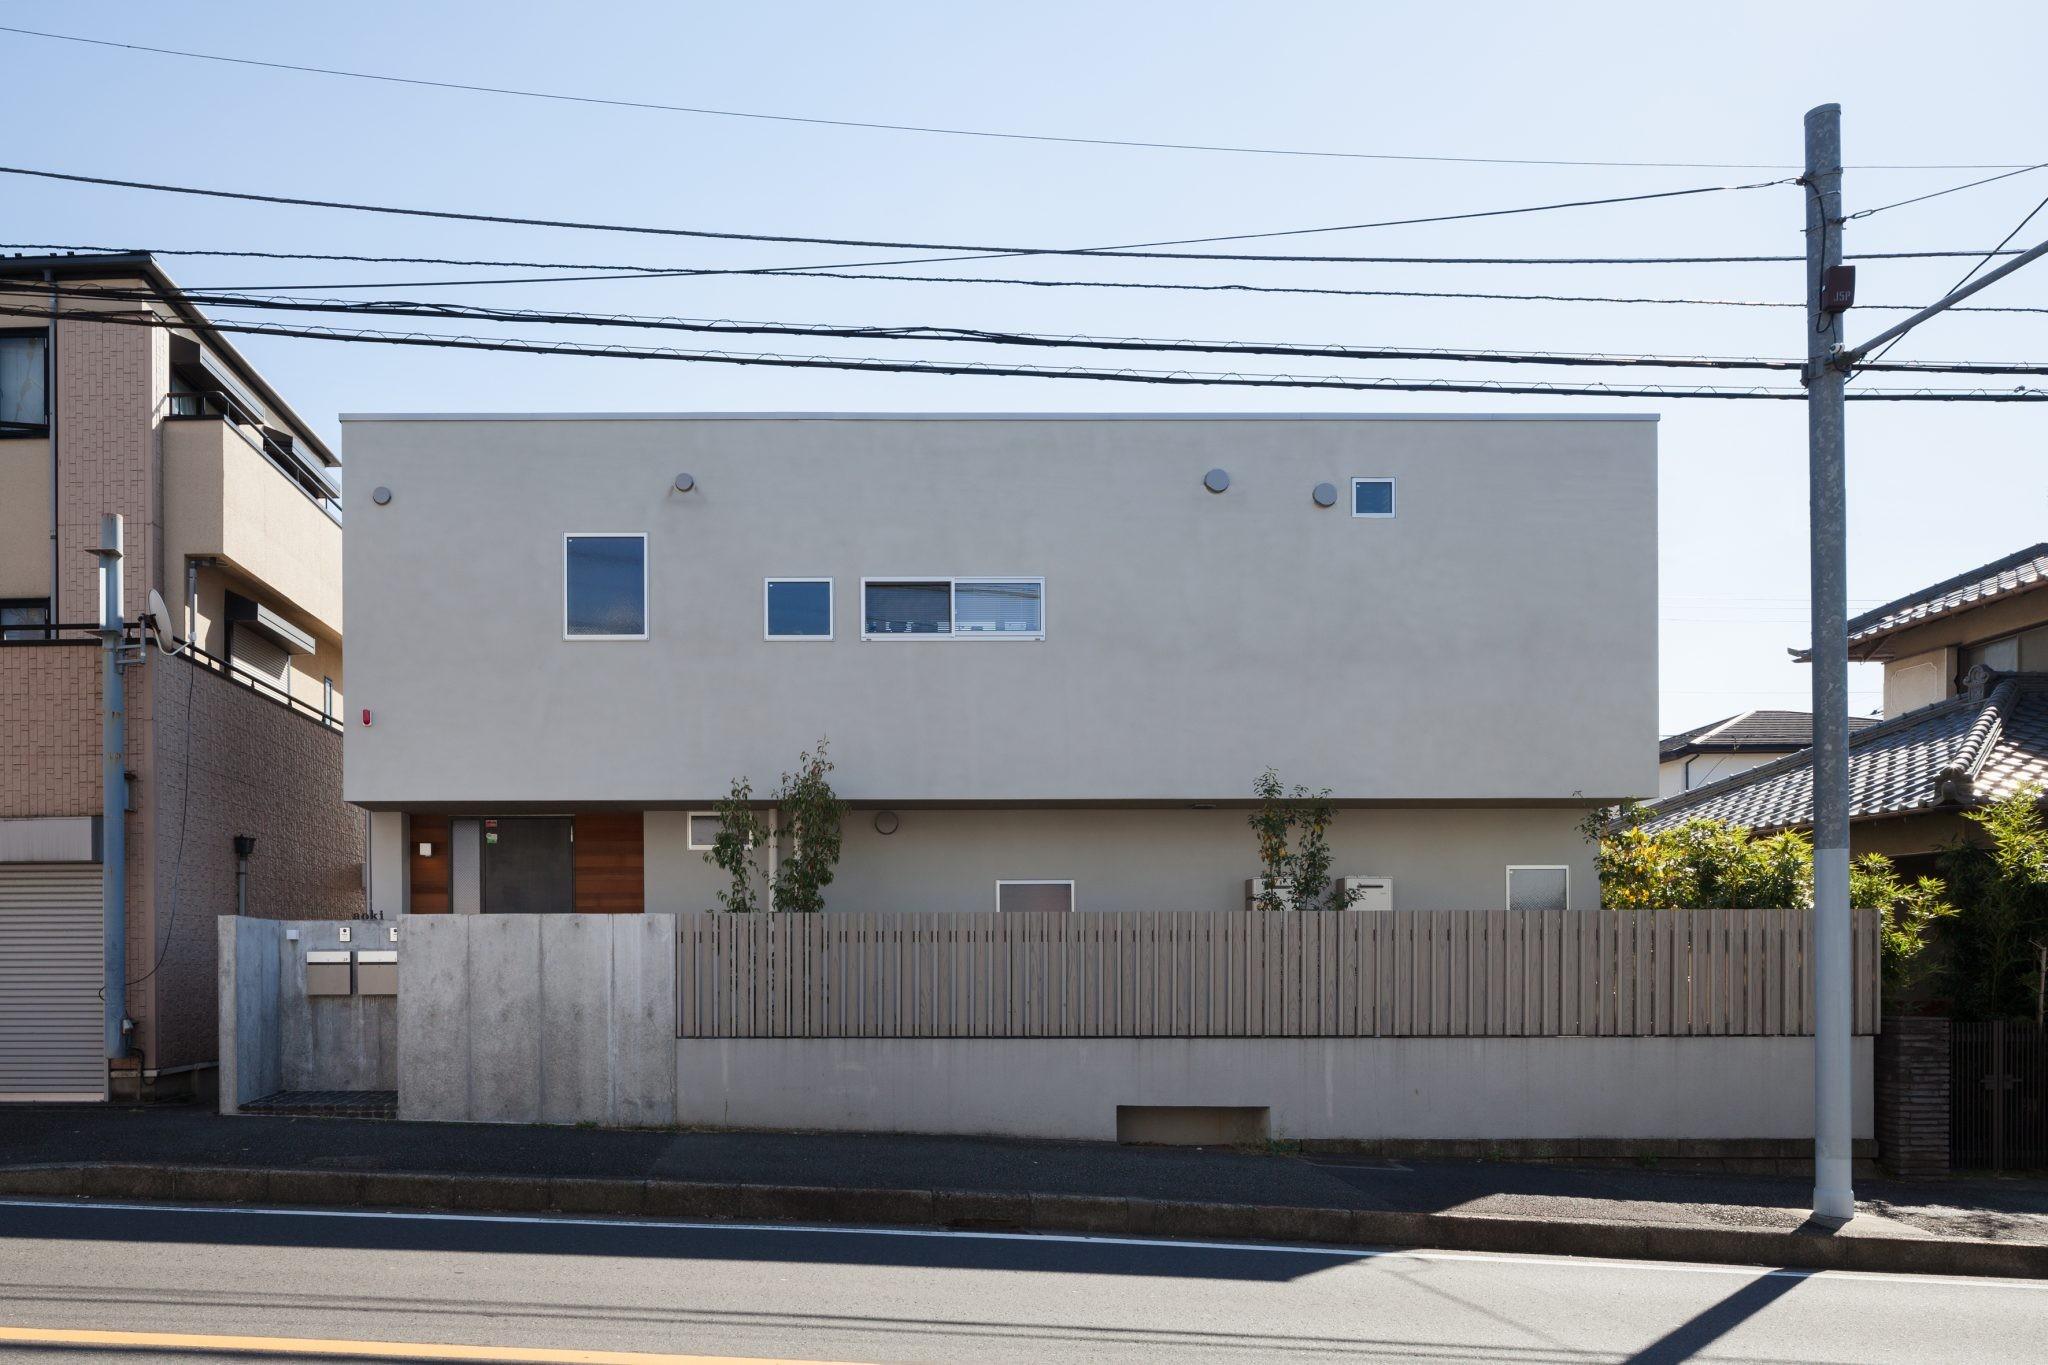 外観事例:北面外観(たまプラーザの家(2世帯住宅))